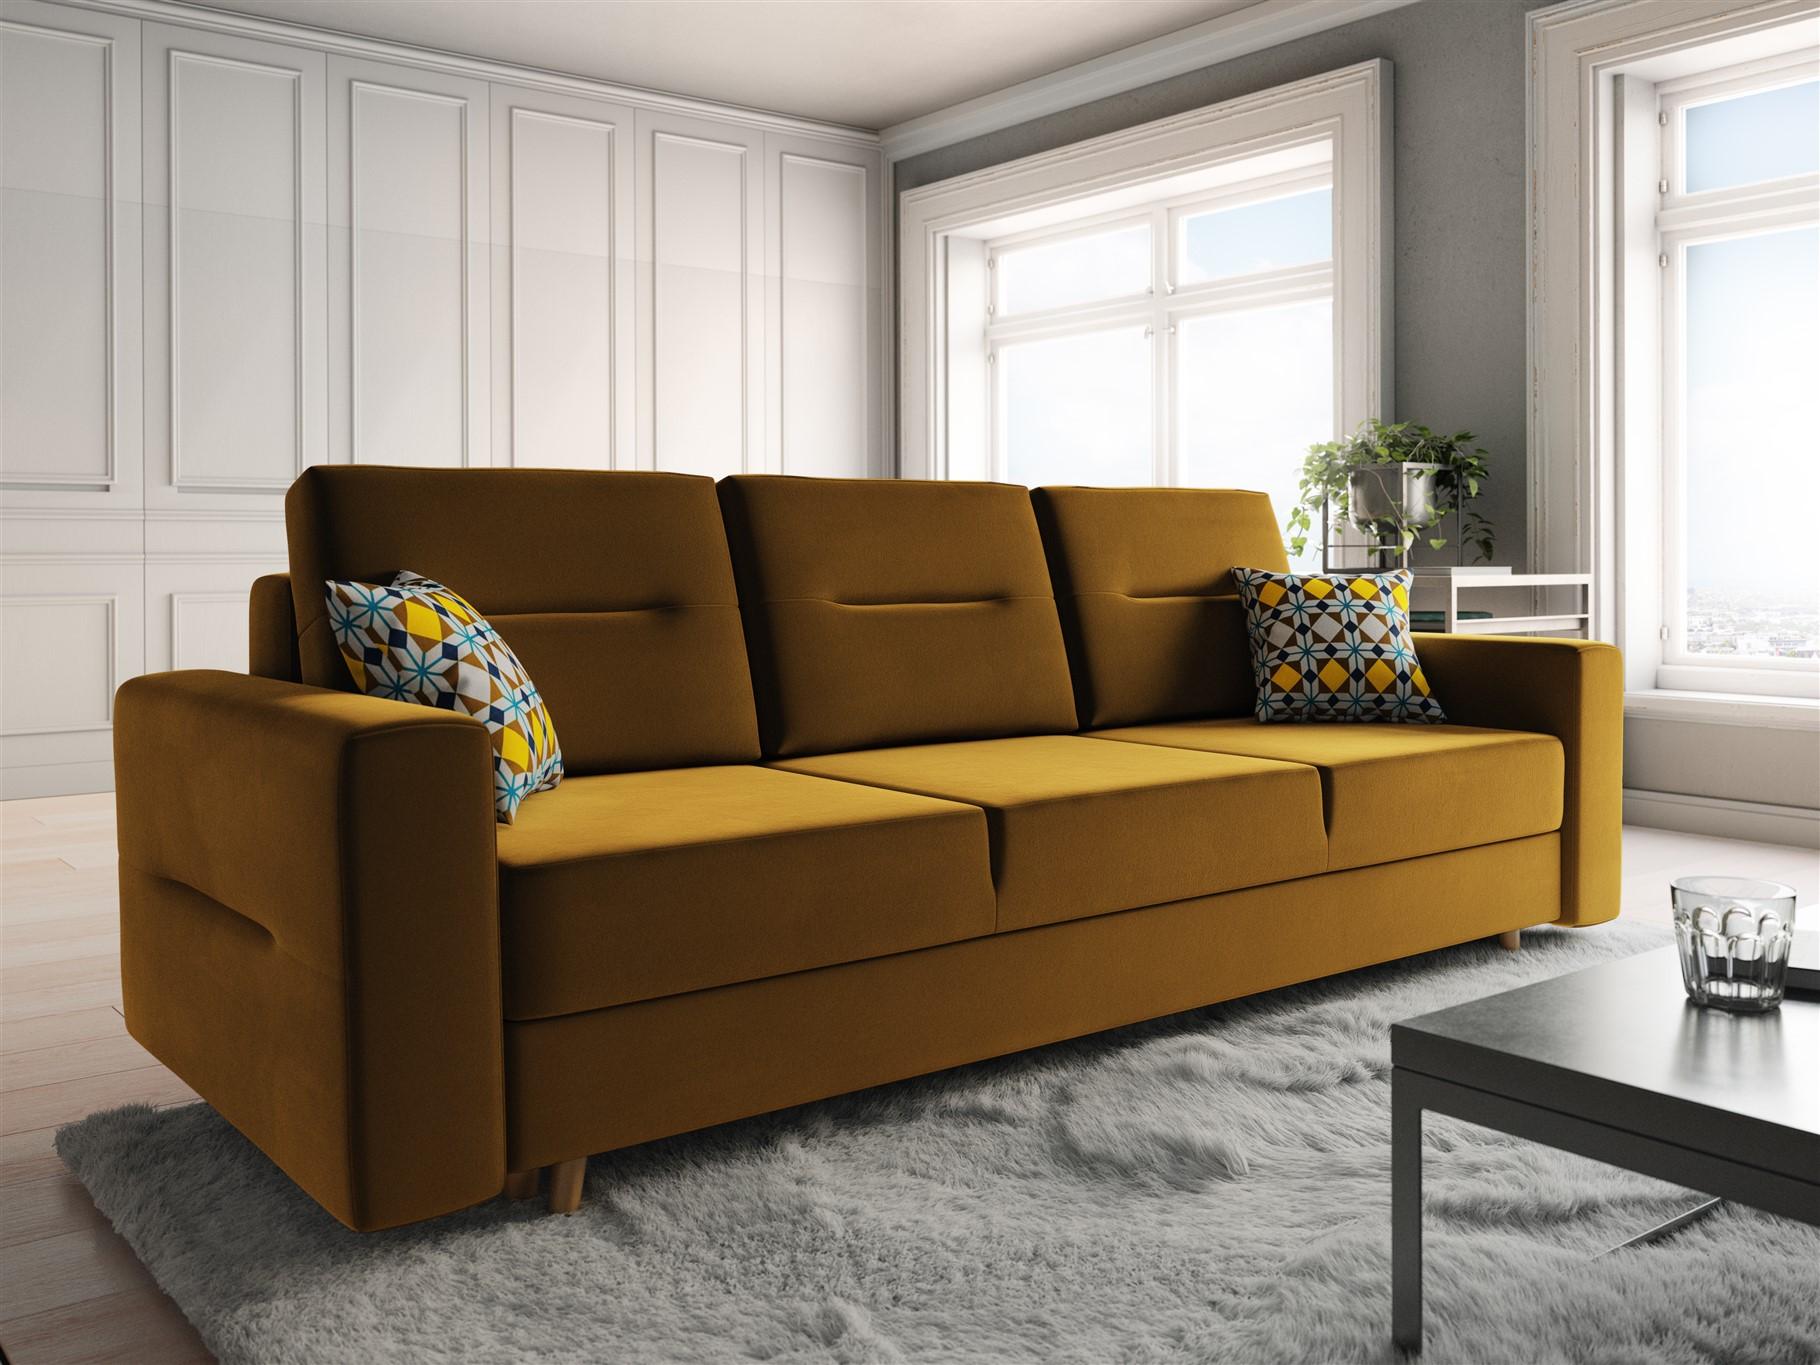 Full Size of Halbrundes Sofa Samt Rot Schwarz Big Ikea Halbrunde Couch Klein Im Klassischen Stil 3 Sitzer Belmira Mit Schlaffunktion Gelb Sofas Garnitur Grau Leder Rund Sofa Halbrundes Sofa